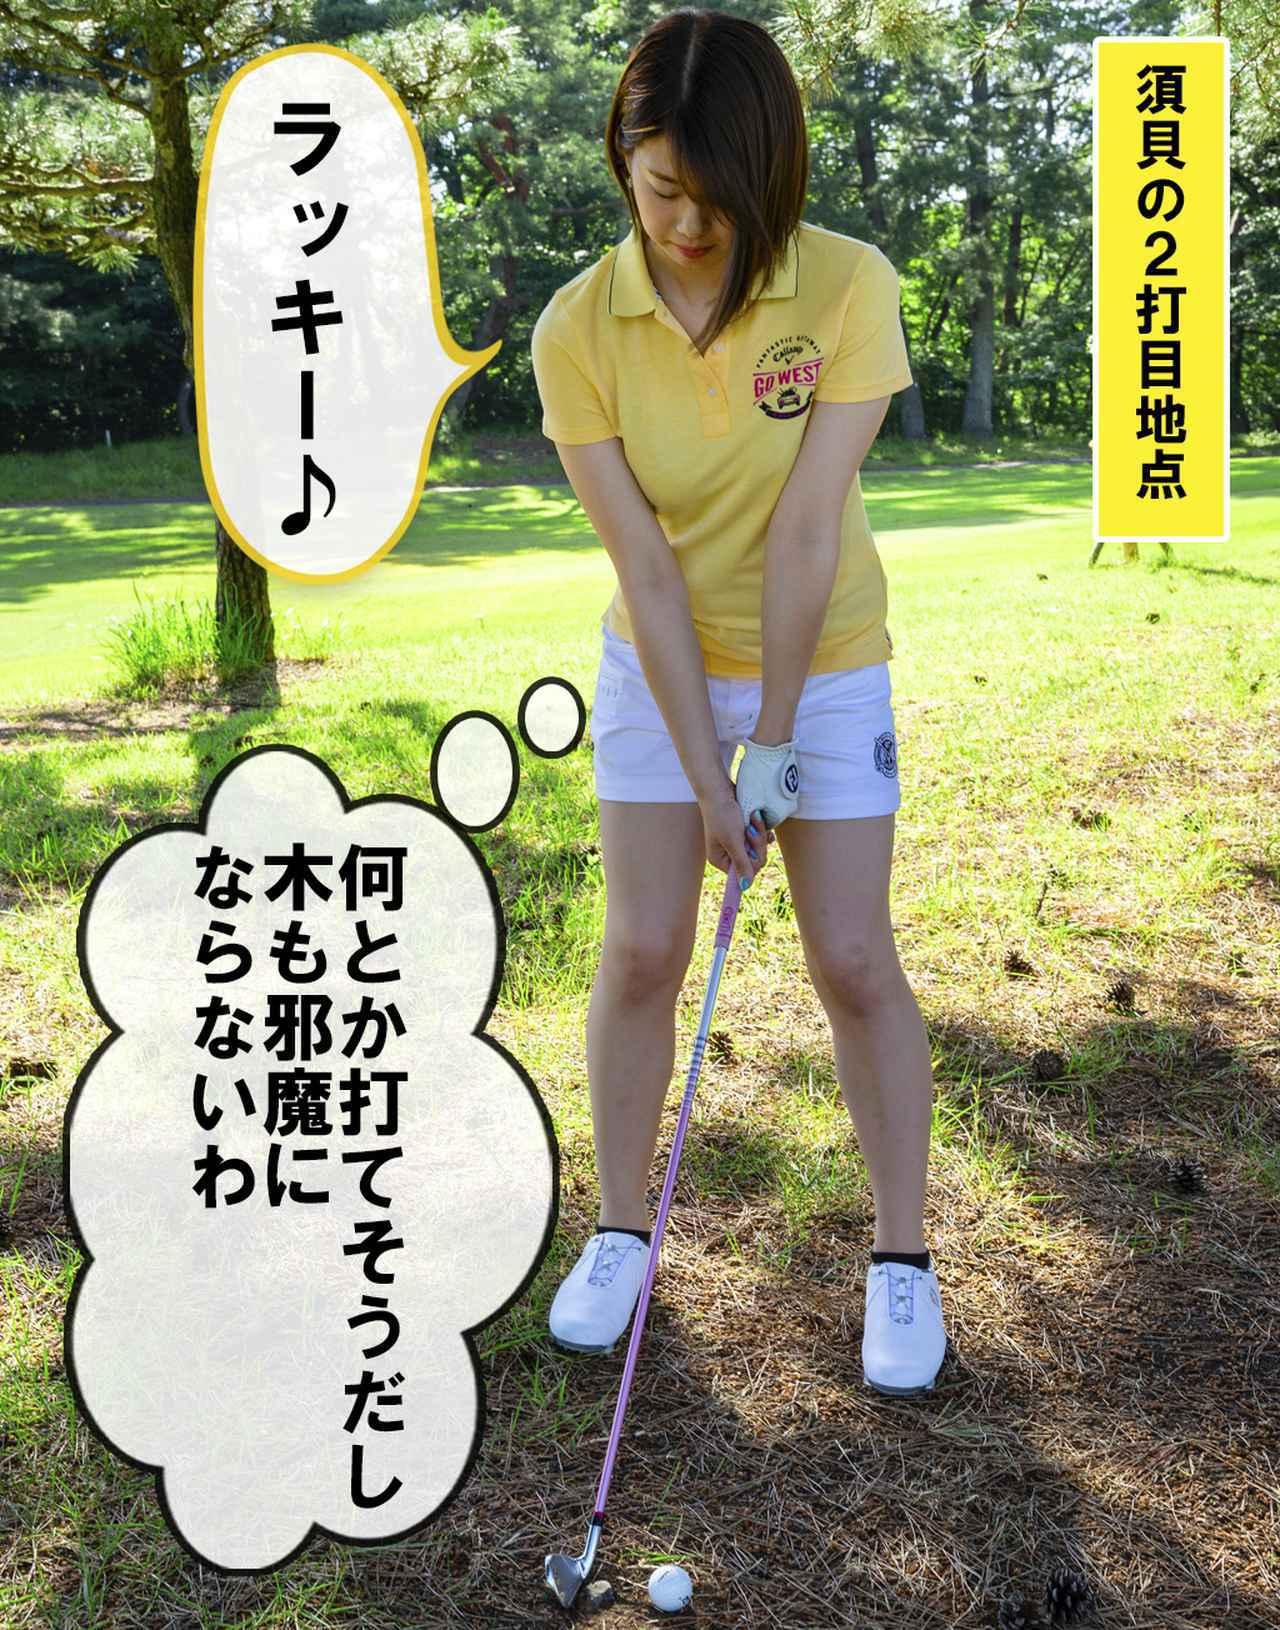 画像2: 【新ルール】地面に埋まった石を取り除きたい!! これってルール違反?